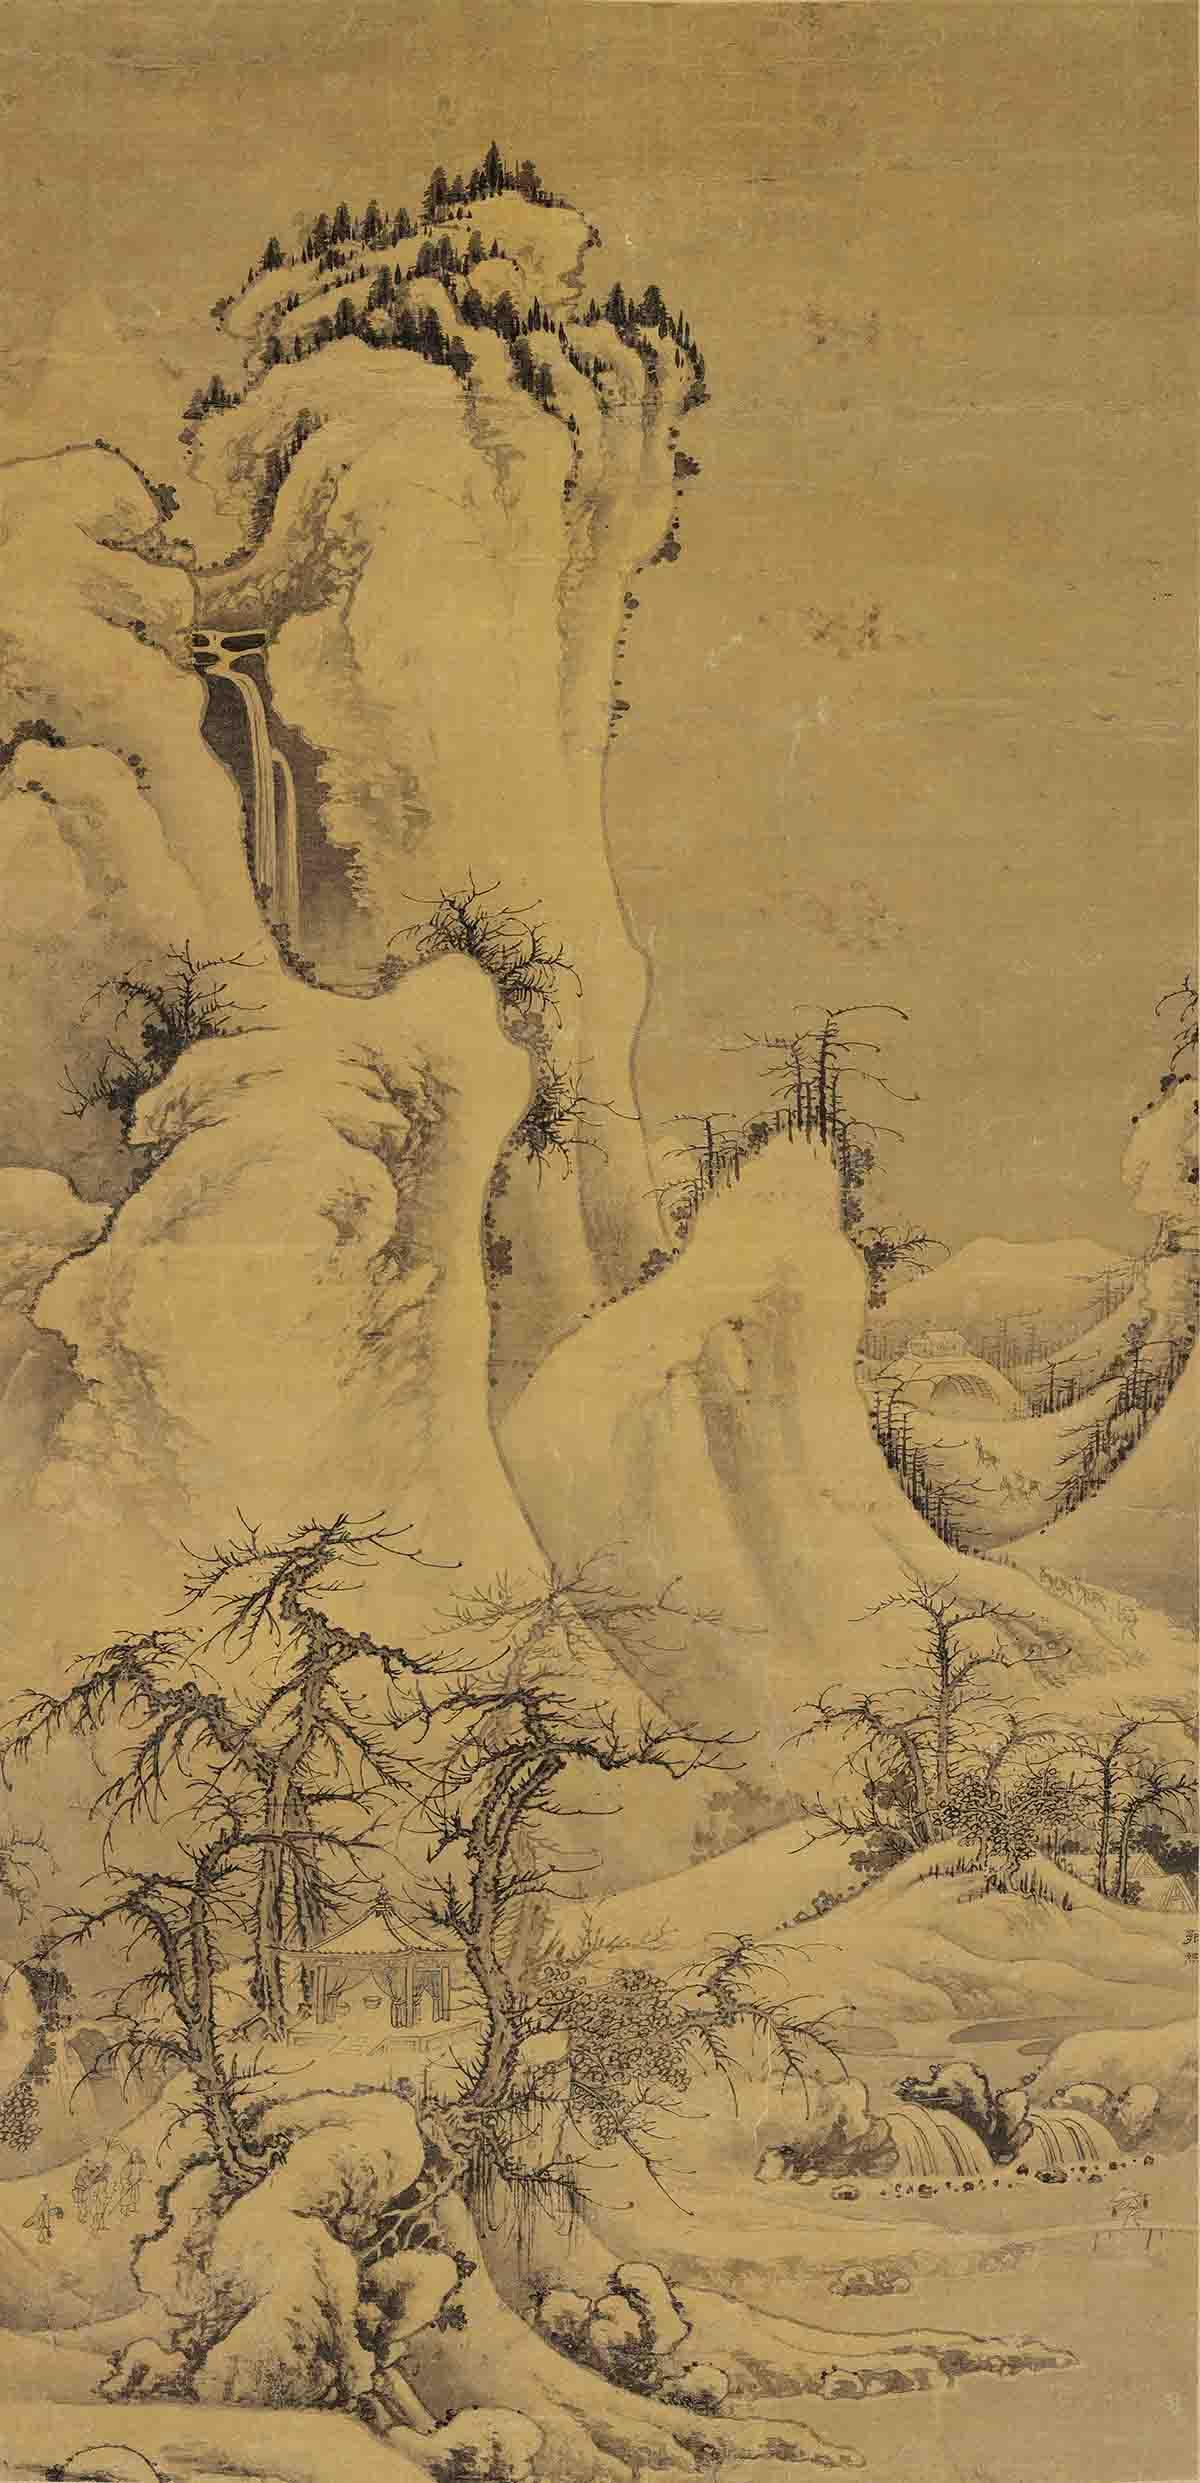 元 郭熙 雪山行旅图轴绢布 51.5x106